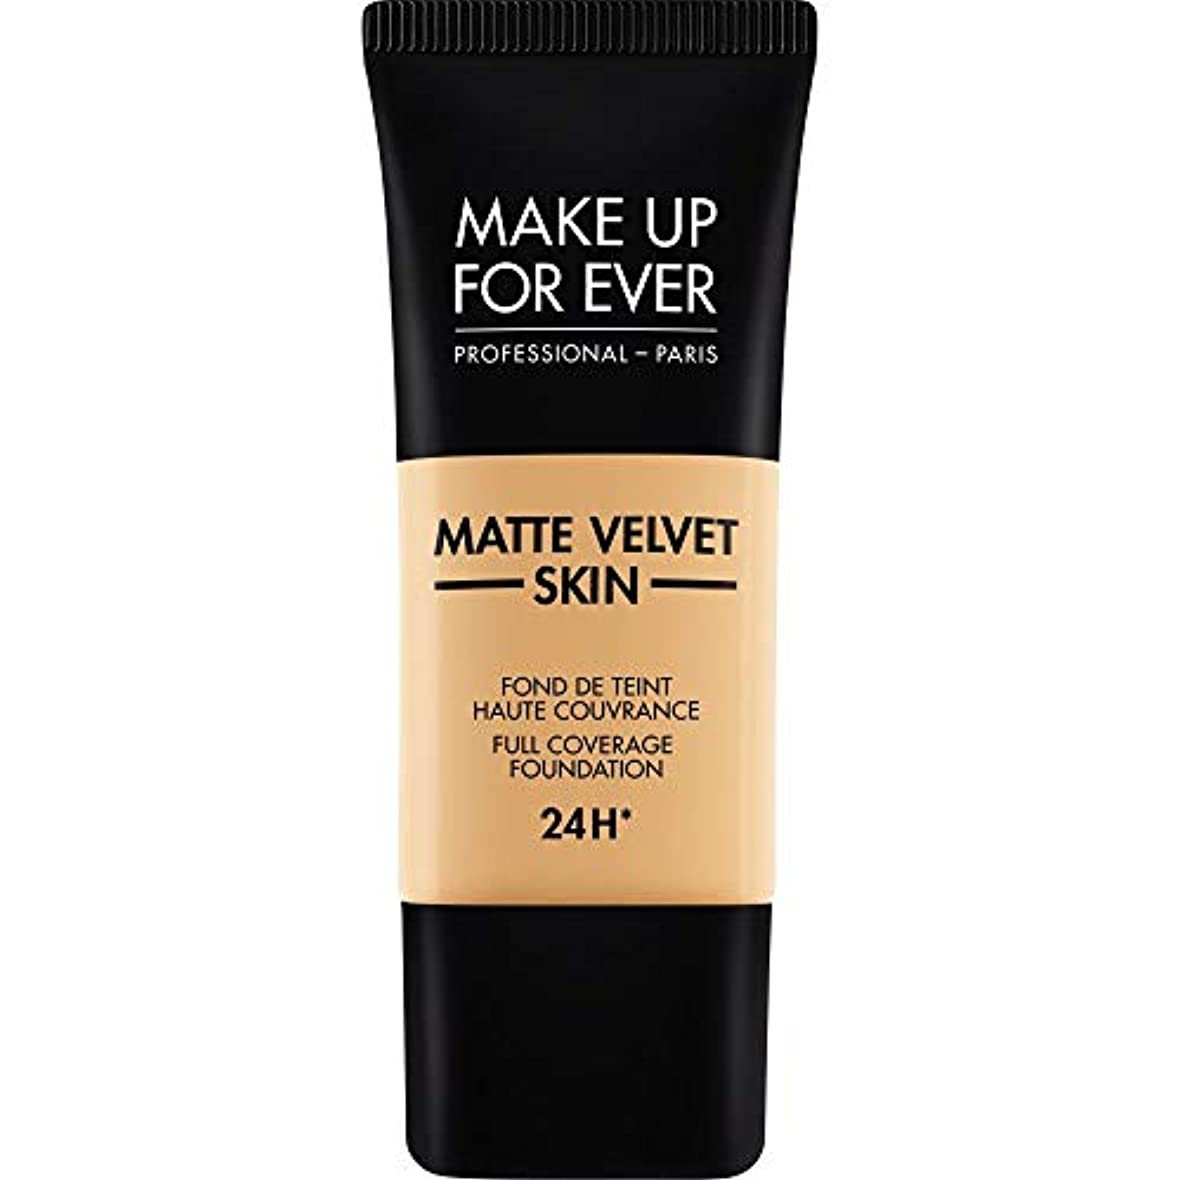 陸軍常習的静める[MAKE UP FOR EVER ] ナチュラルベージュ - これまでマットベルベットの皮膚のフルカバレッジ基礎30ミリリットルのY345を補います - MAKE UP FOR EVER Matte Velvet Skin...